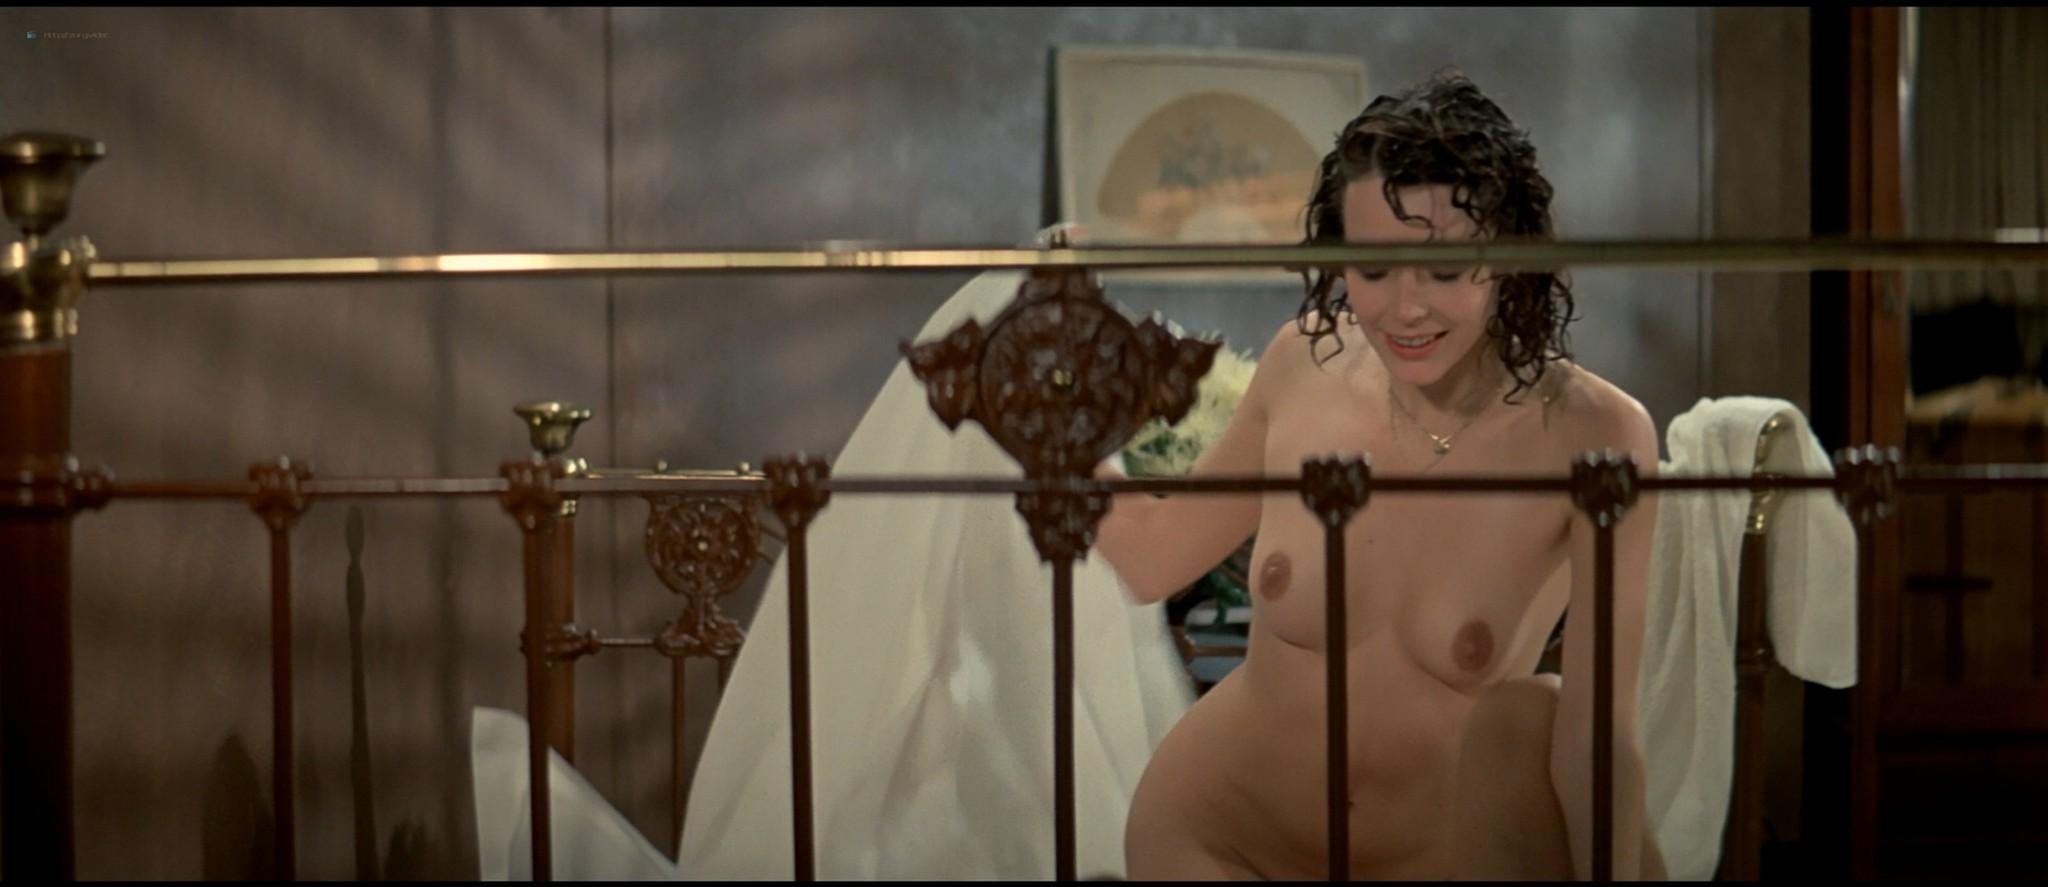 Sylvia Kristel nude sex threesome Catherine Rivet, Laura Gemser nude - Emmanuelle 2 (1975) HD 1080p REMUX (11)